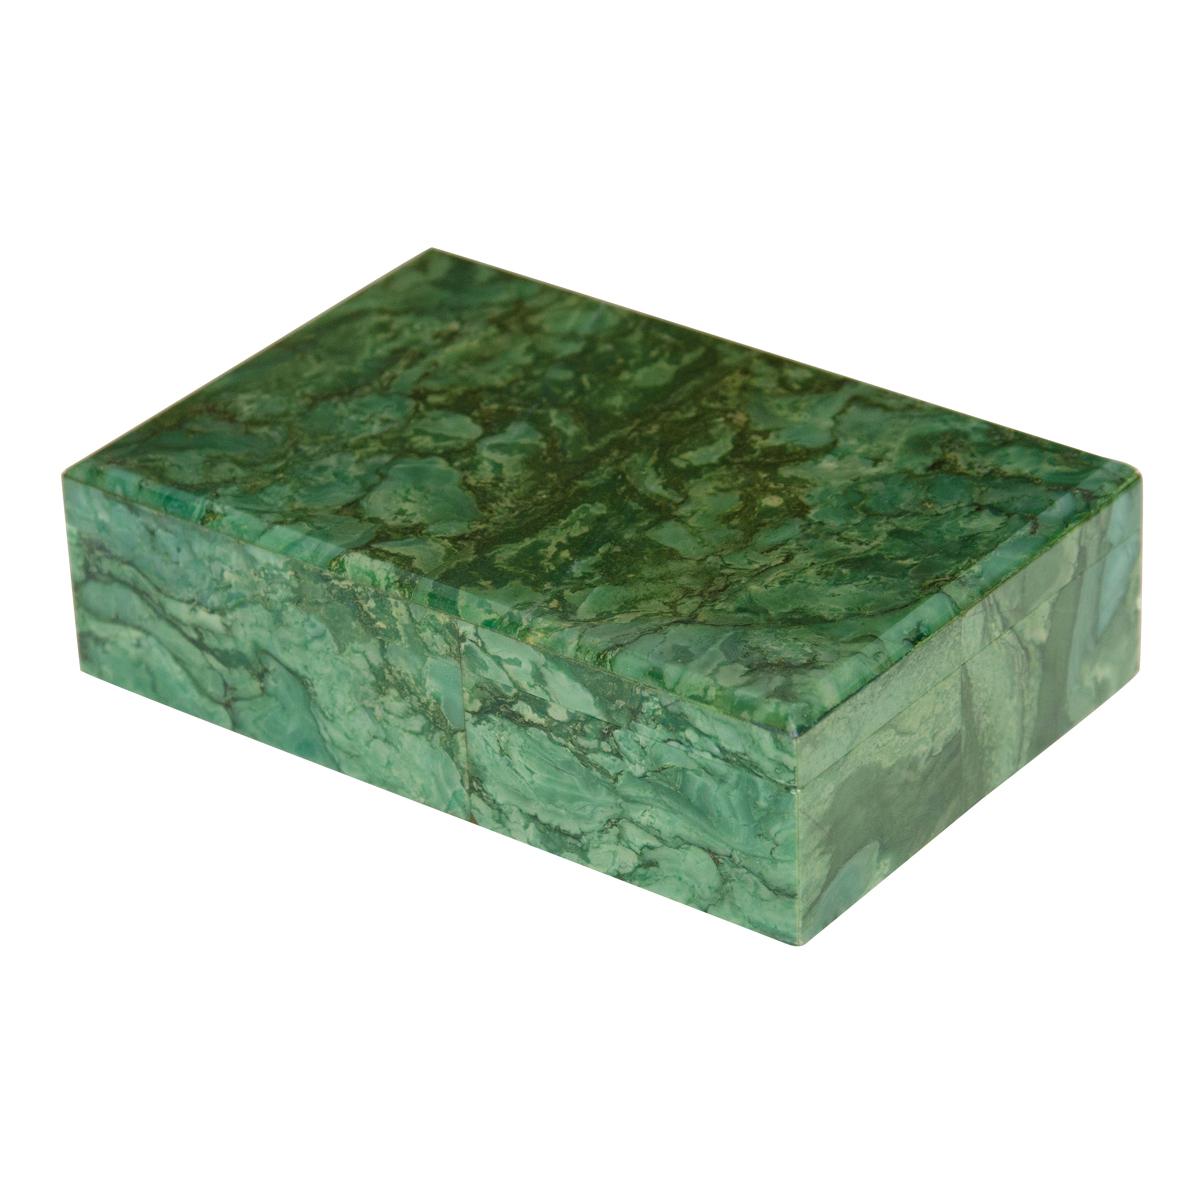 Green Serpentine Stone Box Boxes John Salibello